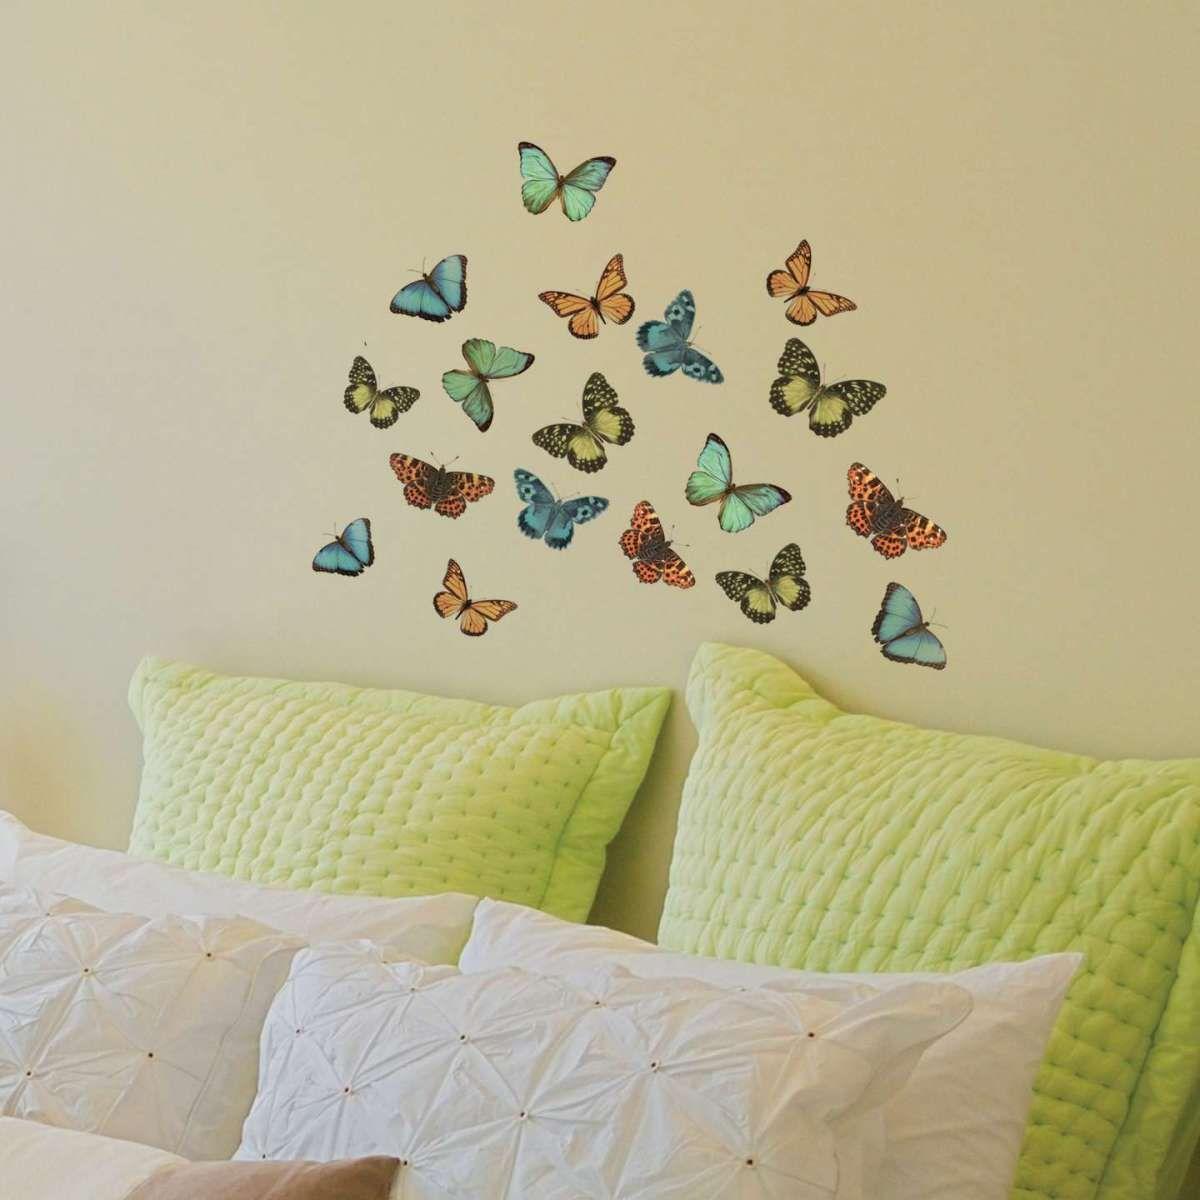 Adesivi murali adesivi per muro di mattoni carta da parati autoadesiva autoadesiva impermeabile decorativa rimovibile 3d in mattoni di pietra per camera da. Decorazioni Per Pareti Decorazioni Decorare Le Pareti Adesivi Murali